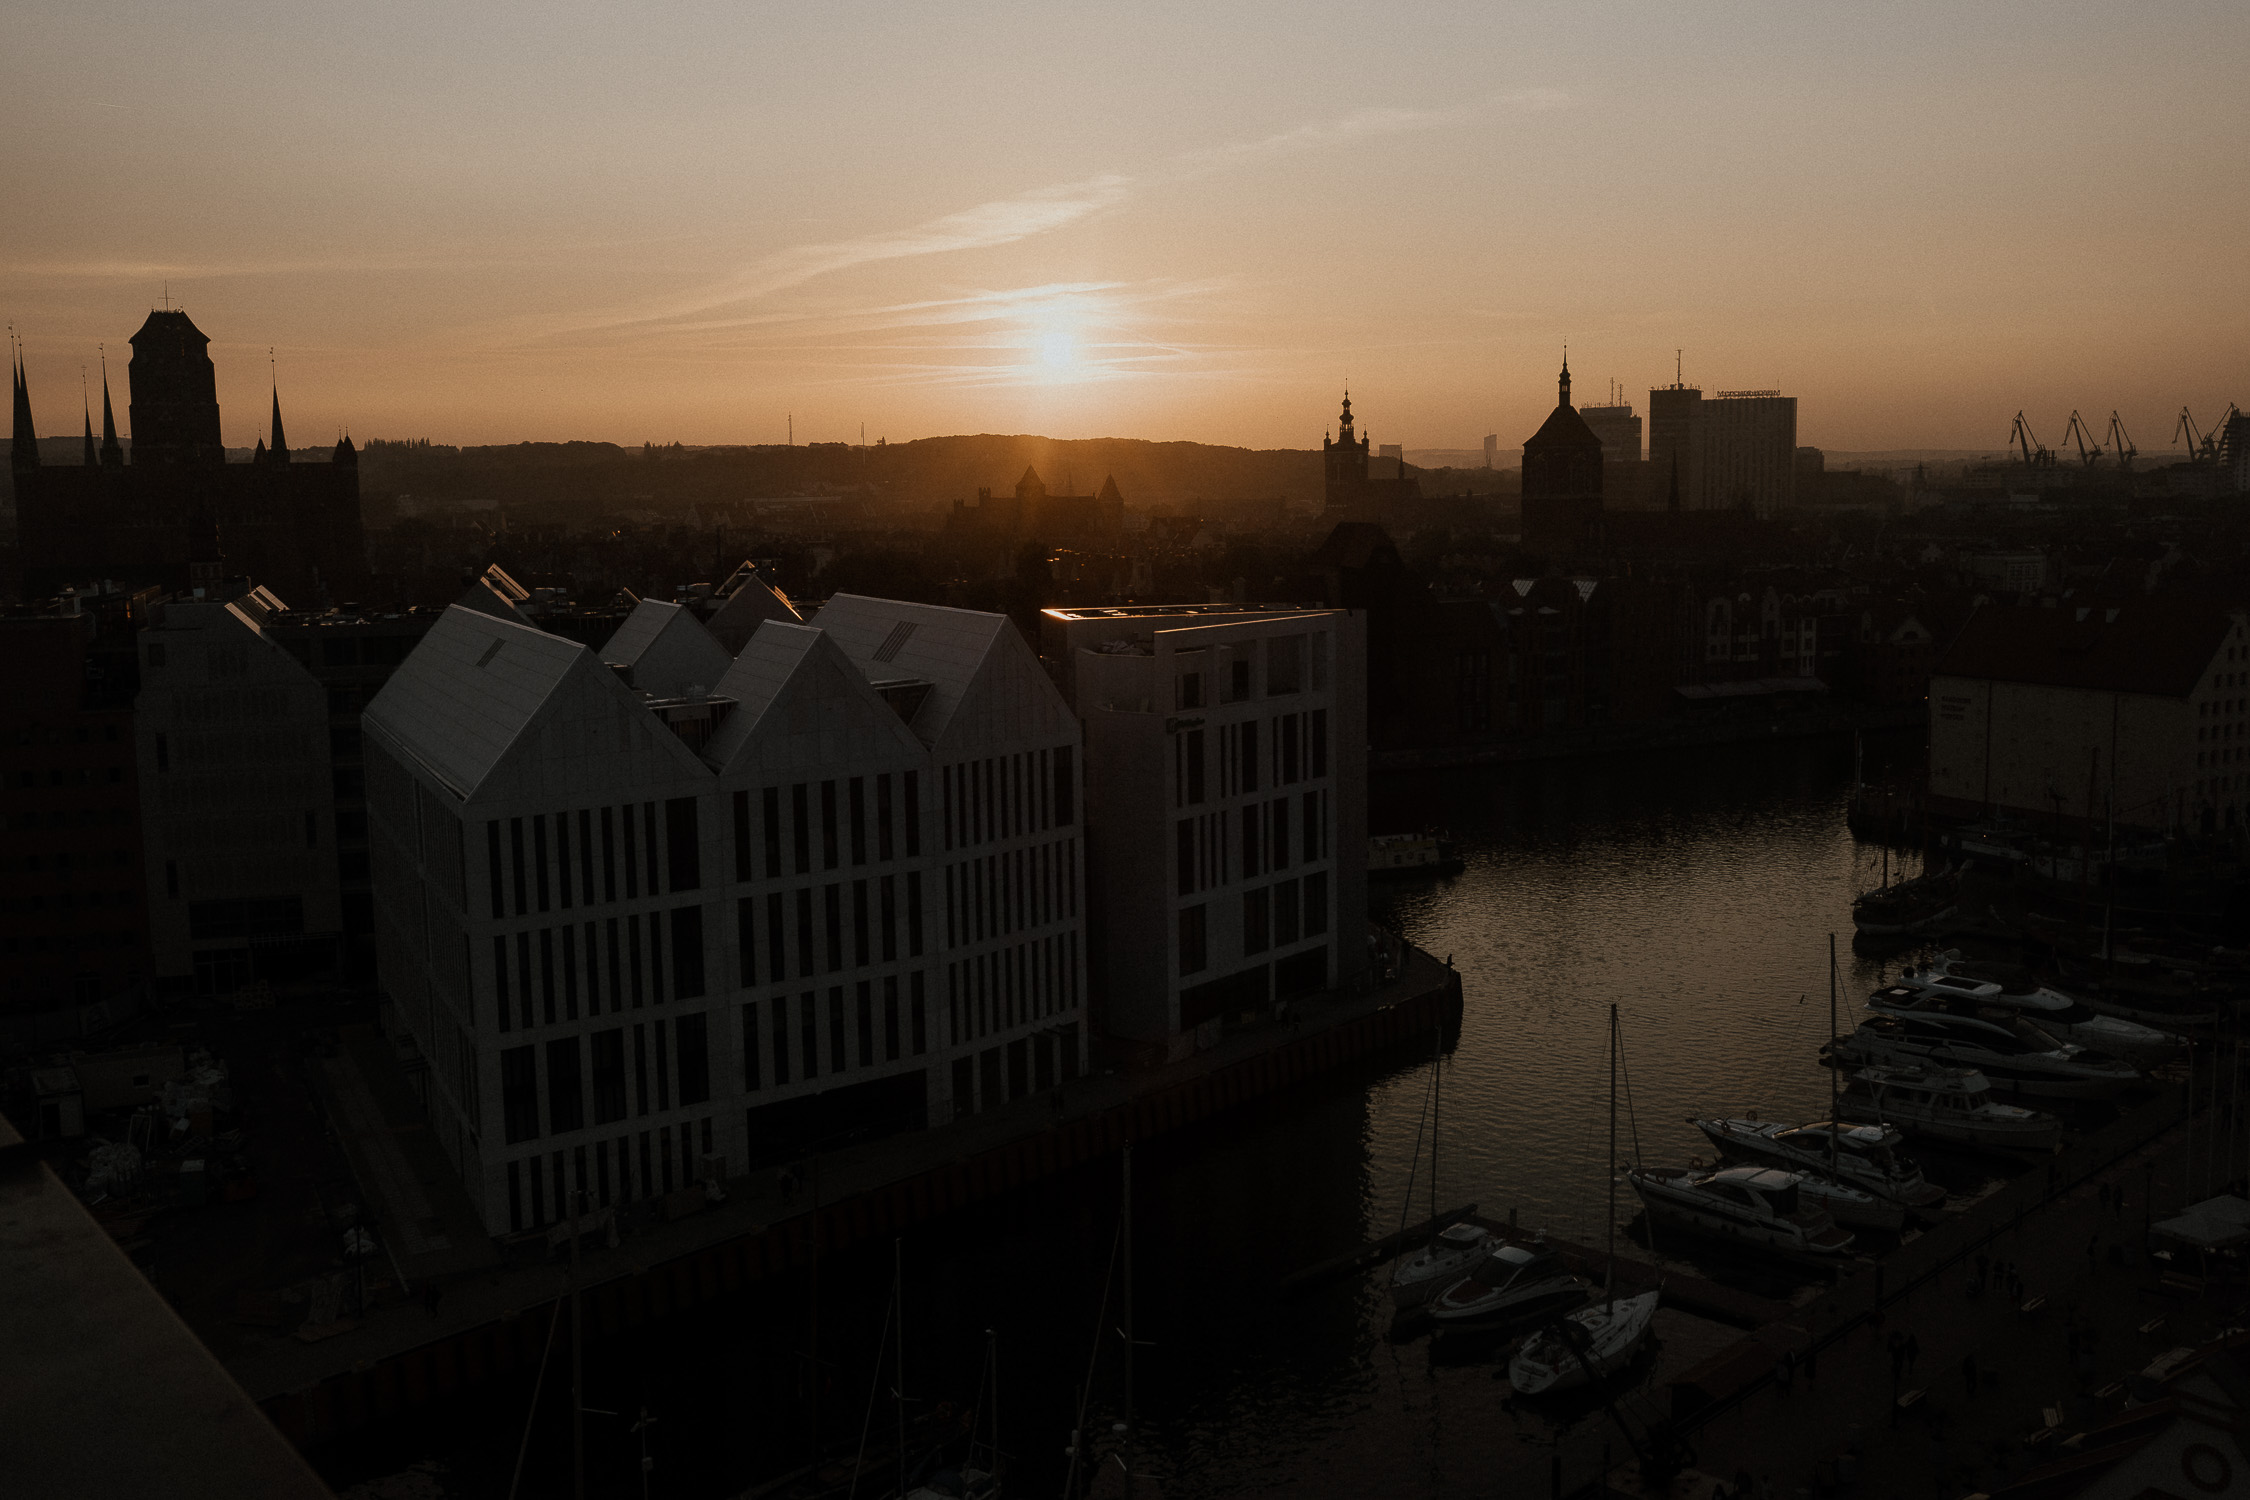 Fotograf slubny slub w sopocie w gdansku nad morzem (77 of 77).jpg